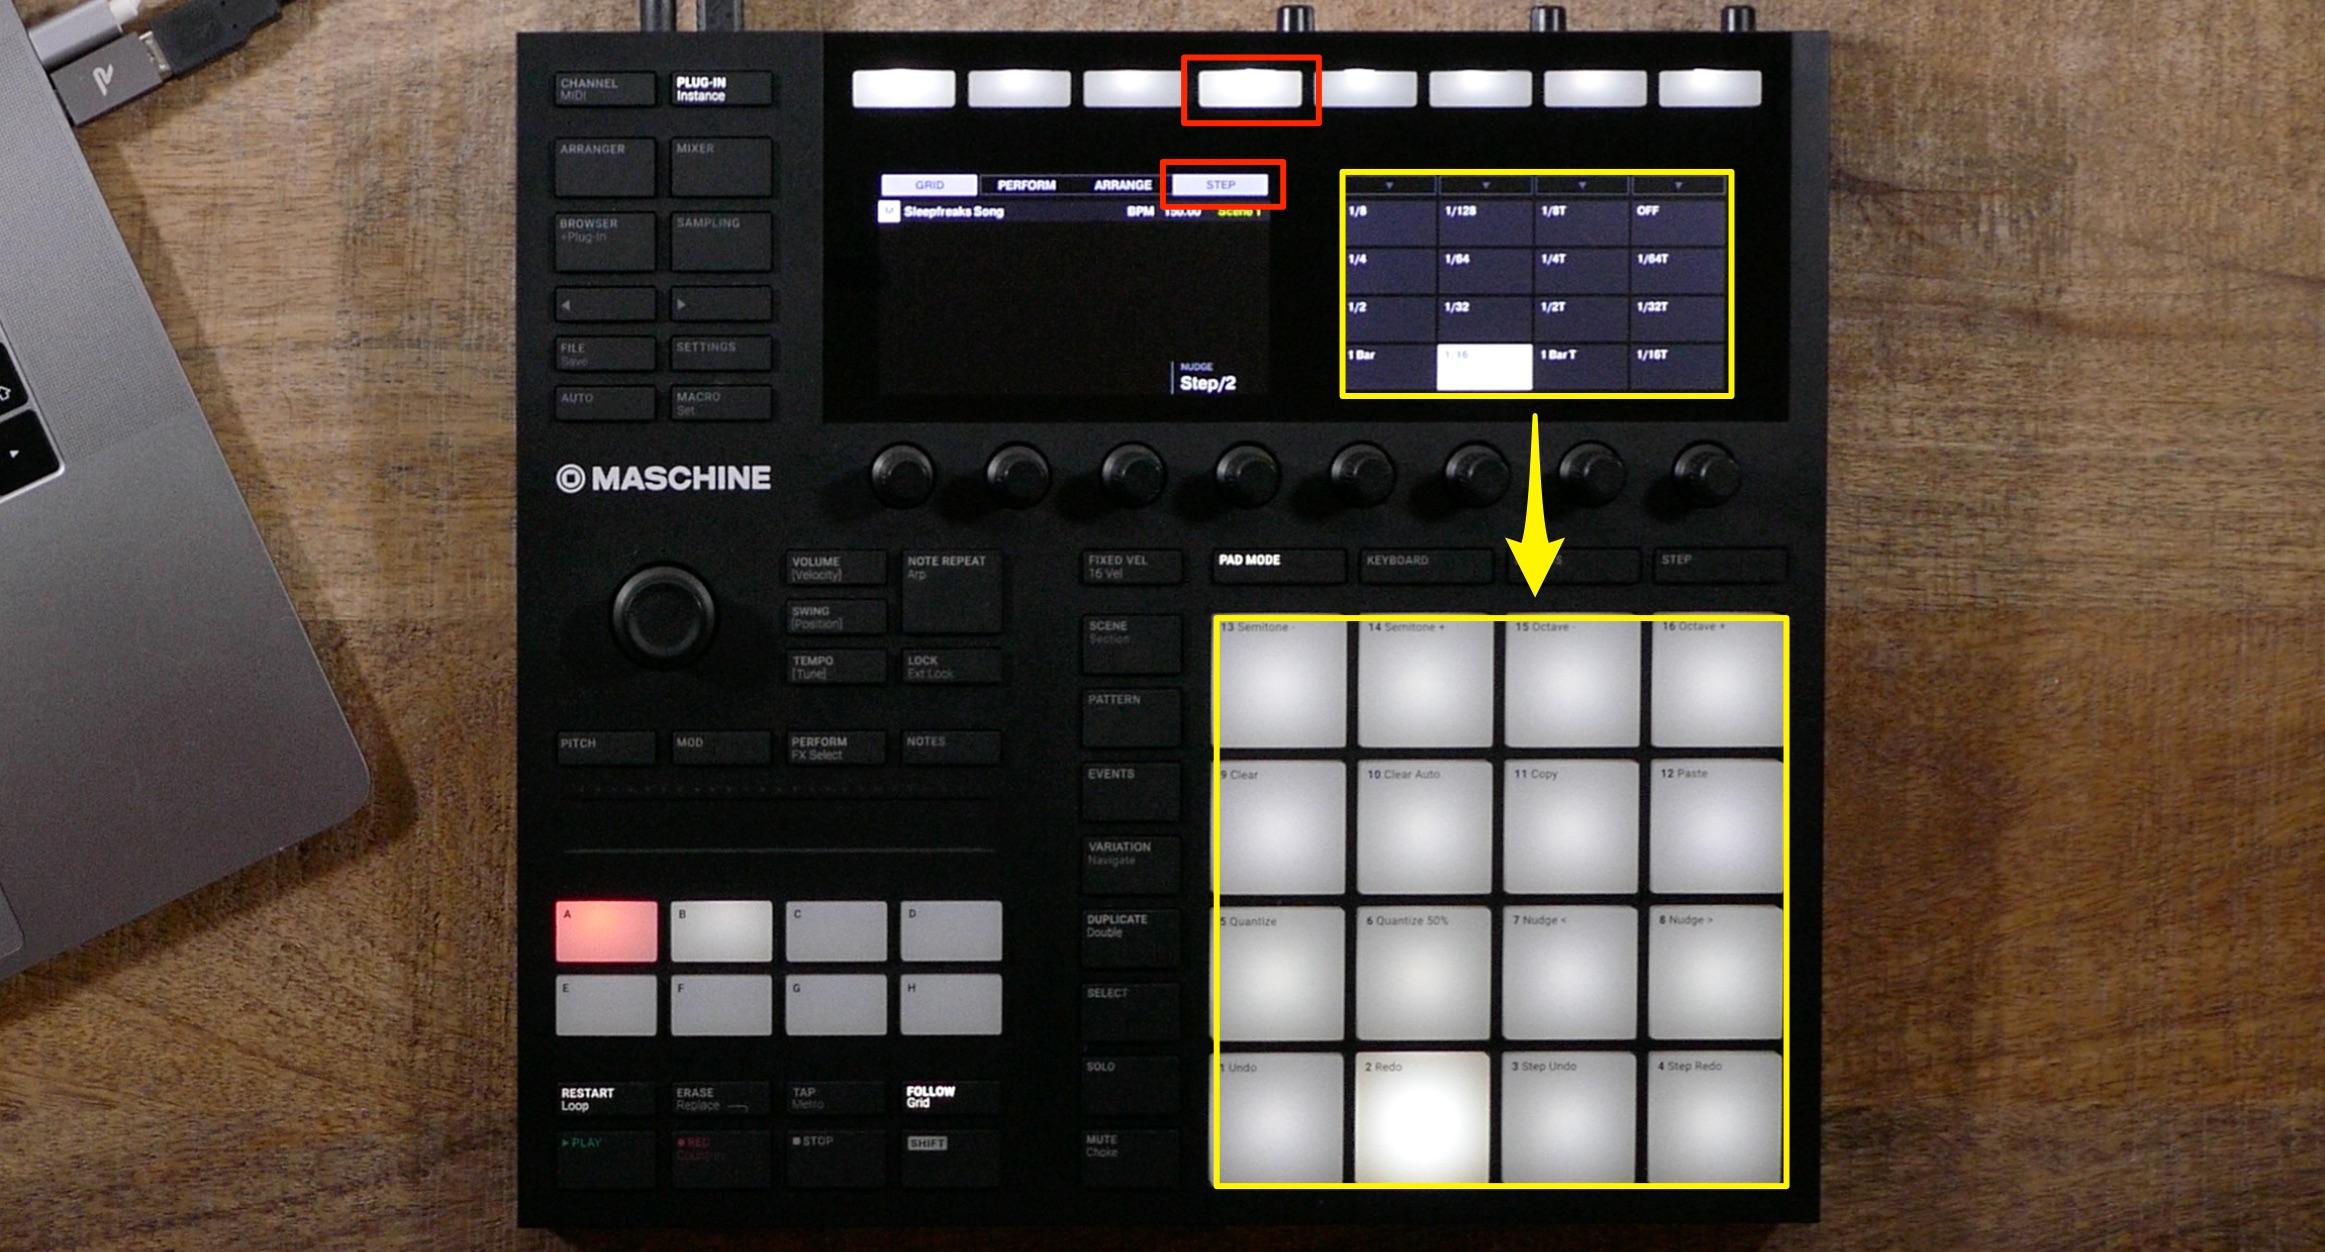 クオンタイズ音価の選択 Maschine_MK3